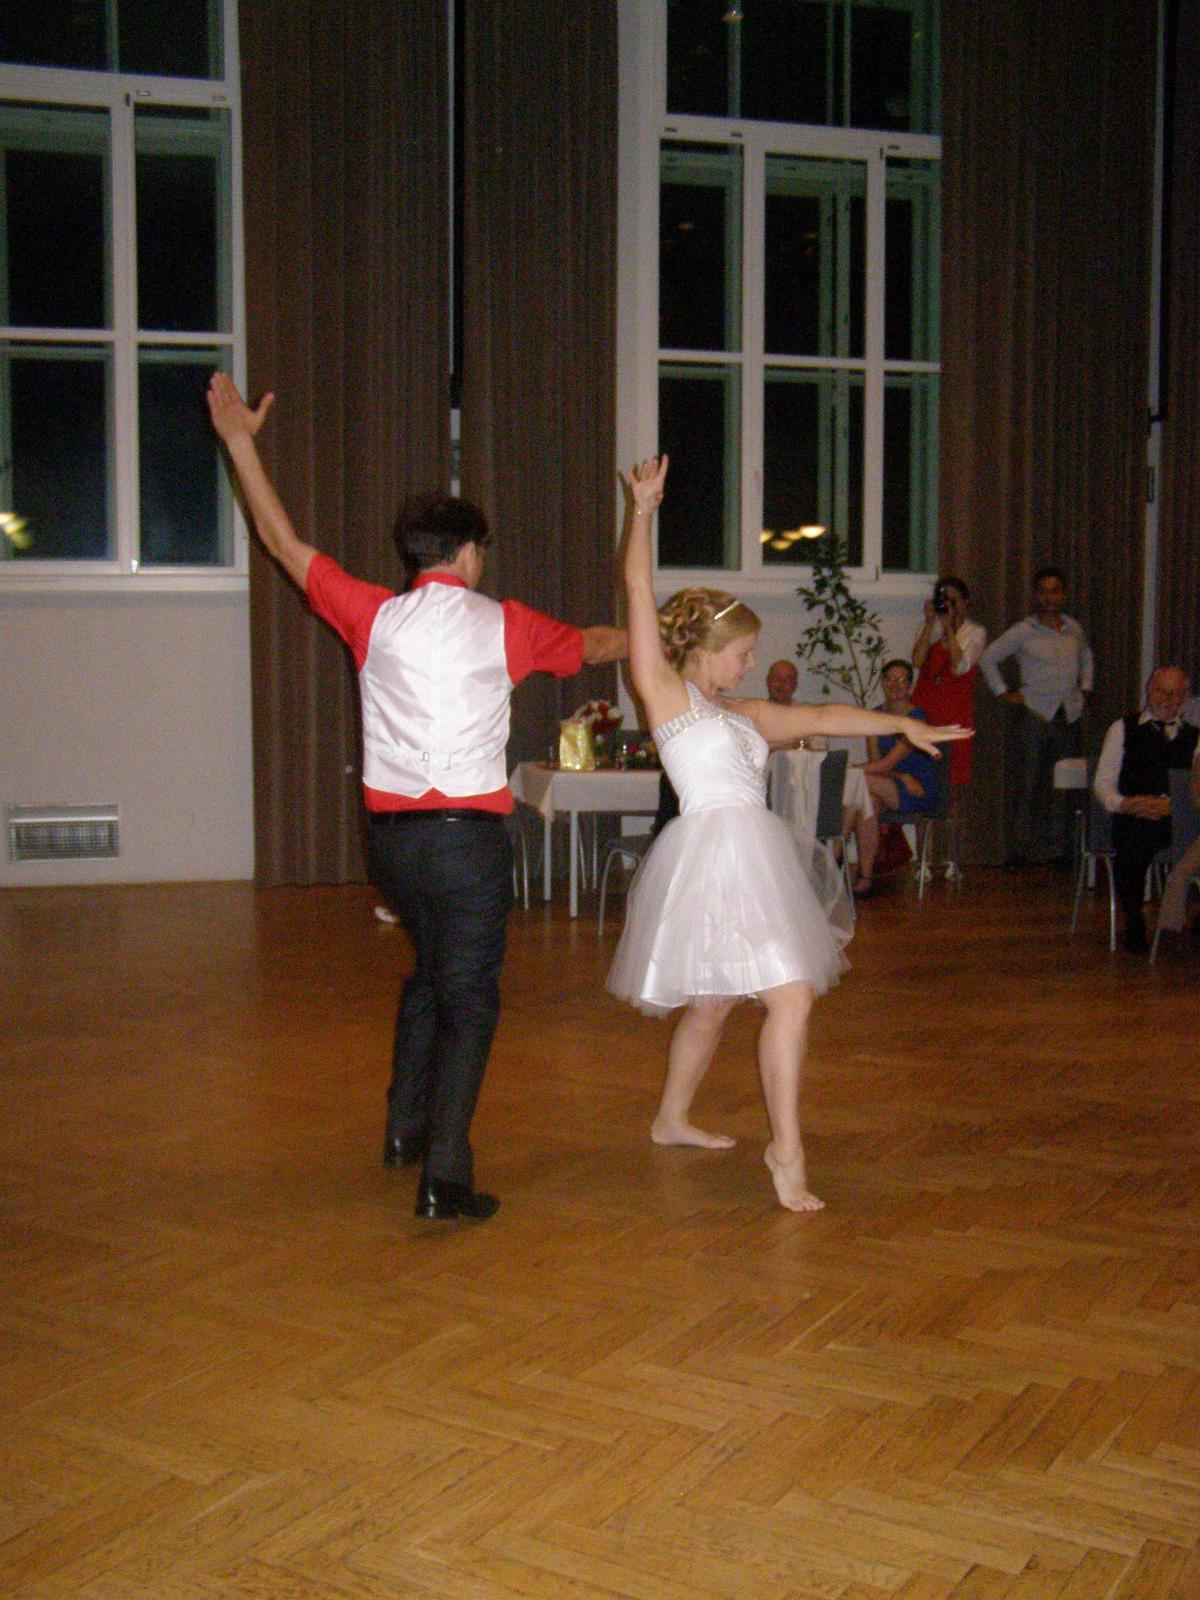 Svatba Lída Čermáková & Jiří Haut - učitelka tance se nezapře...